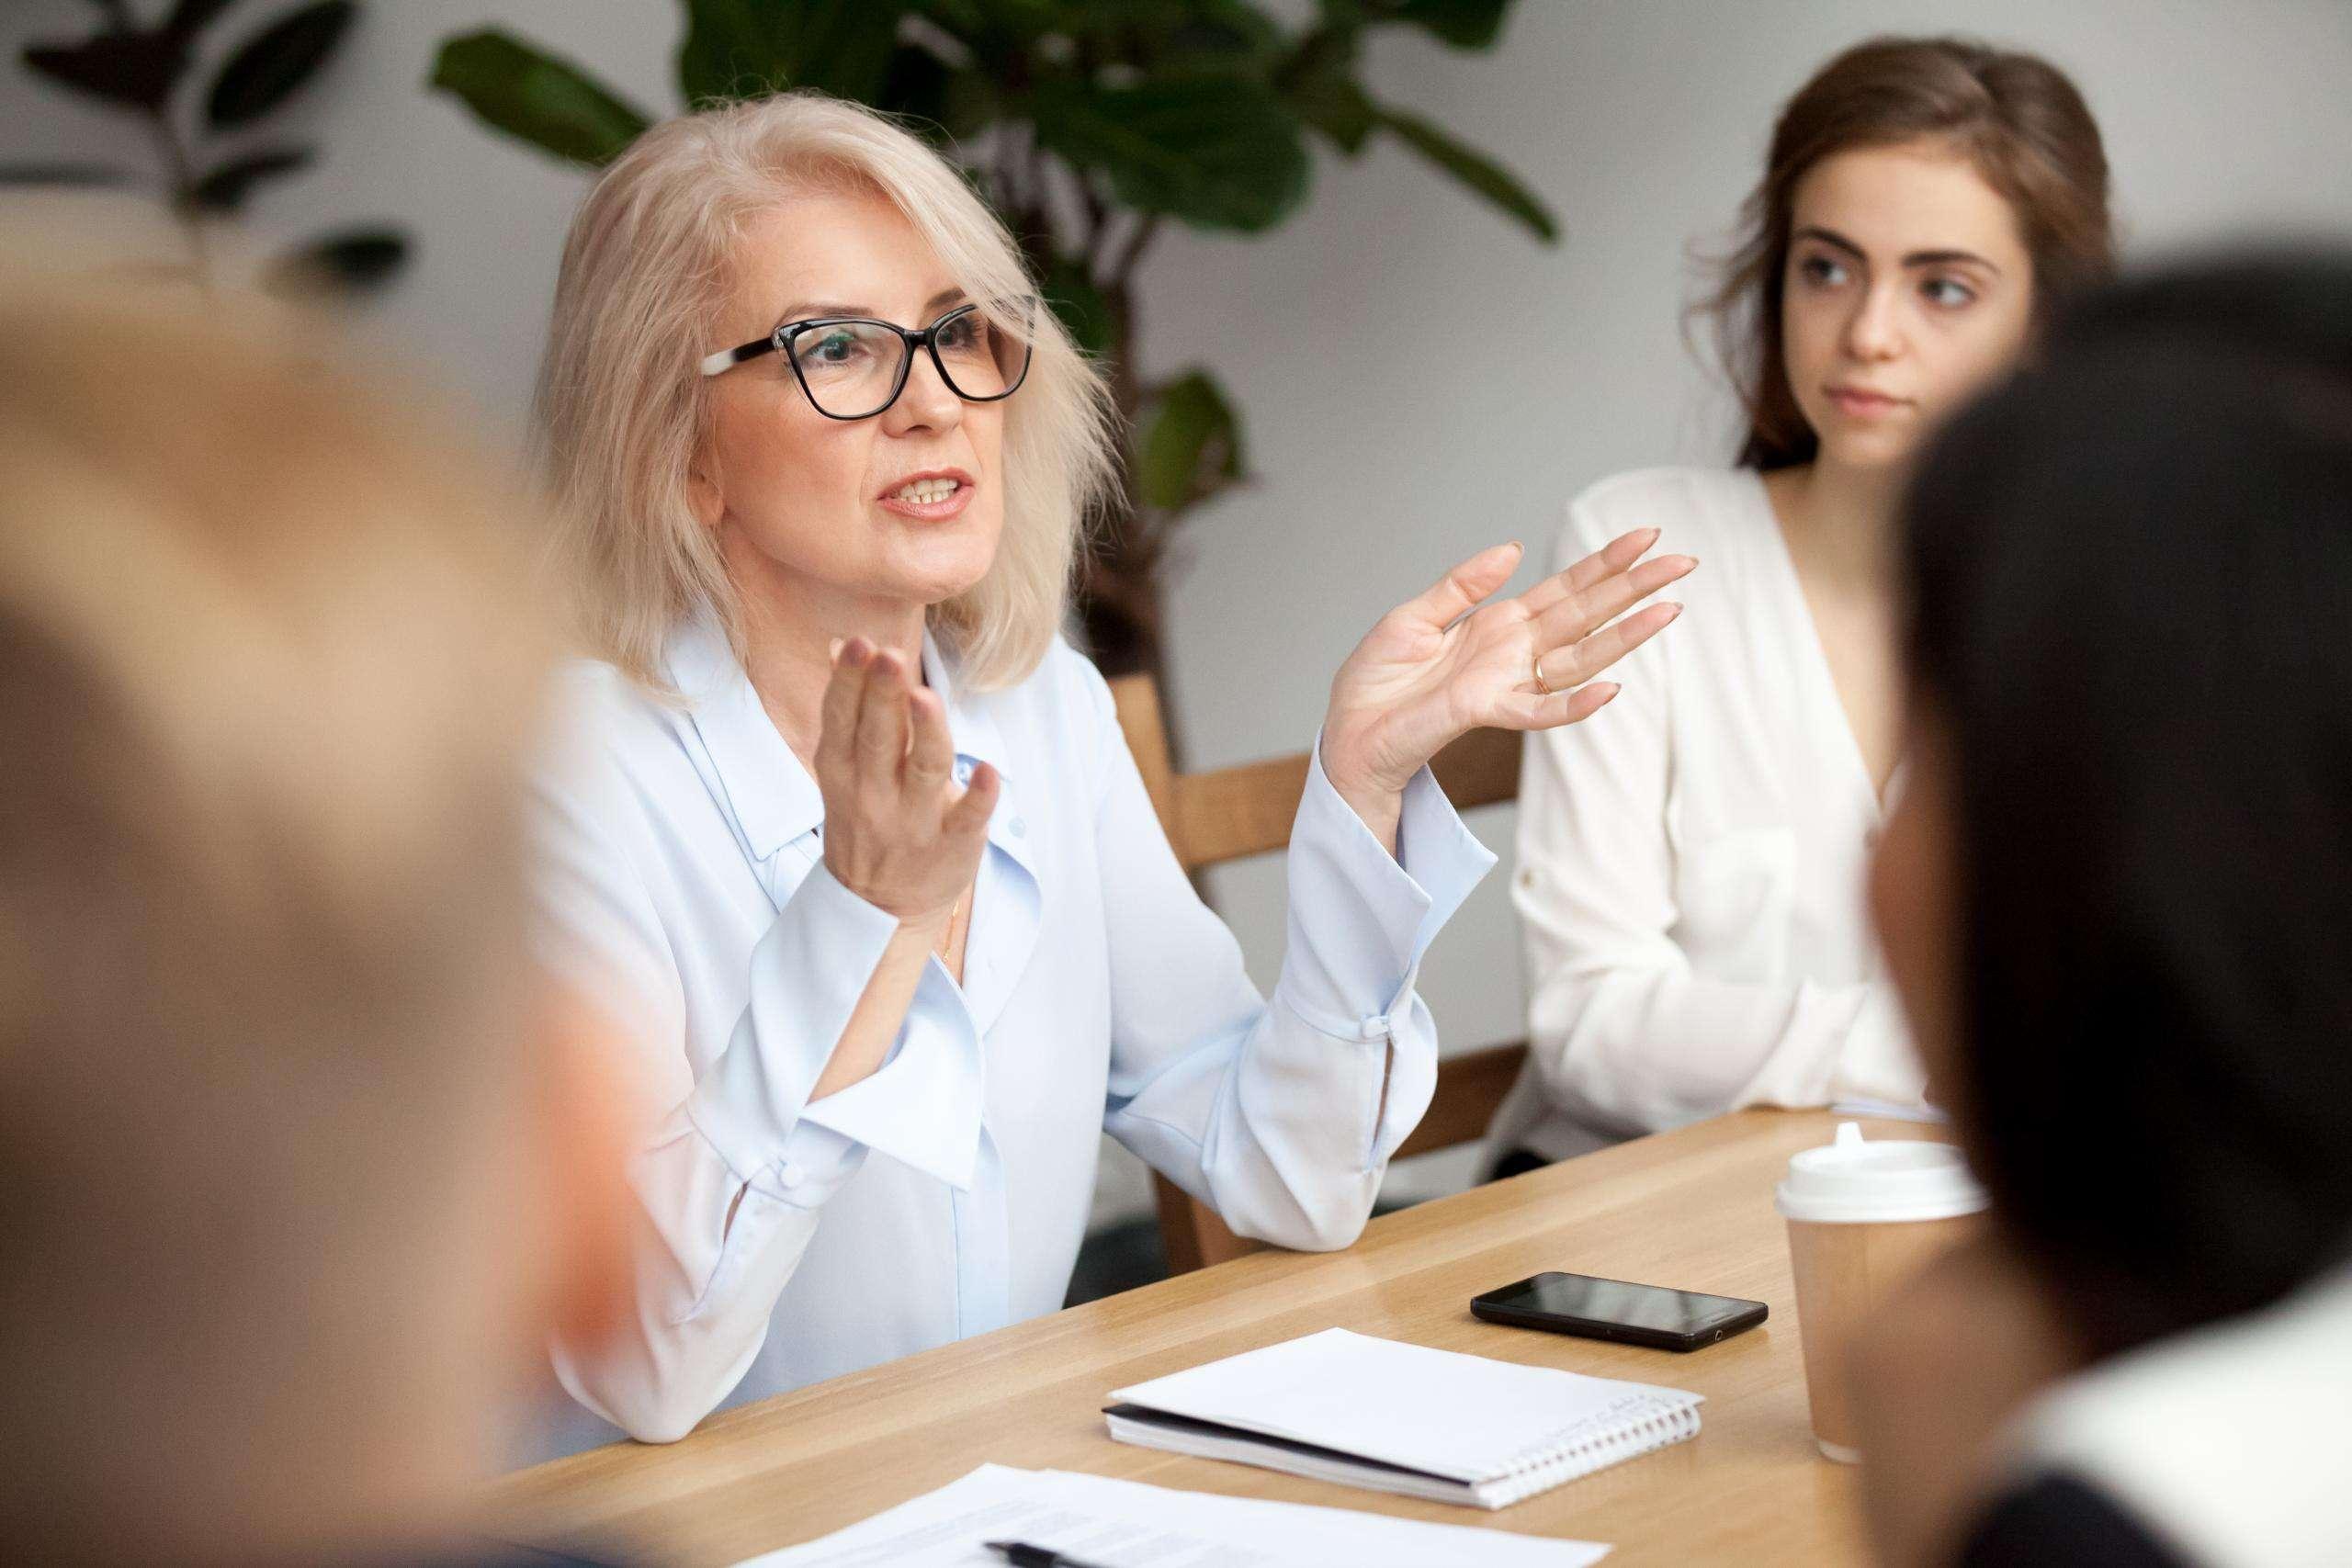 5 chính sách hàng đầu dành cho nữ mà bạn cần có trong công việc kinh doanh của mình